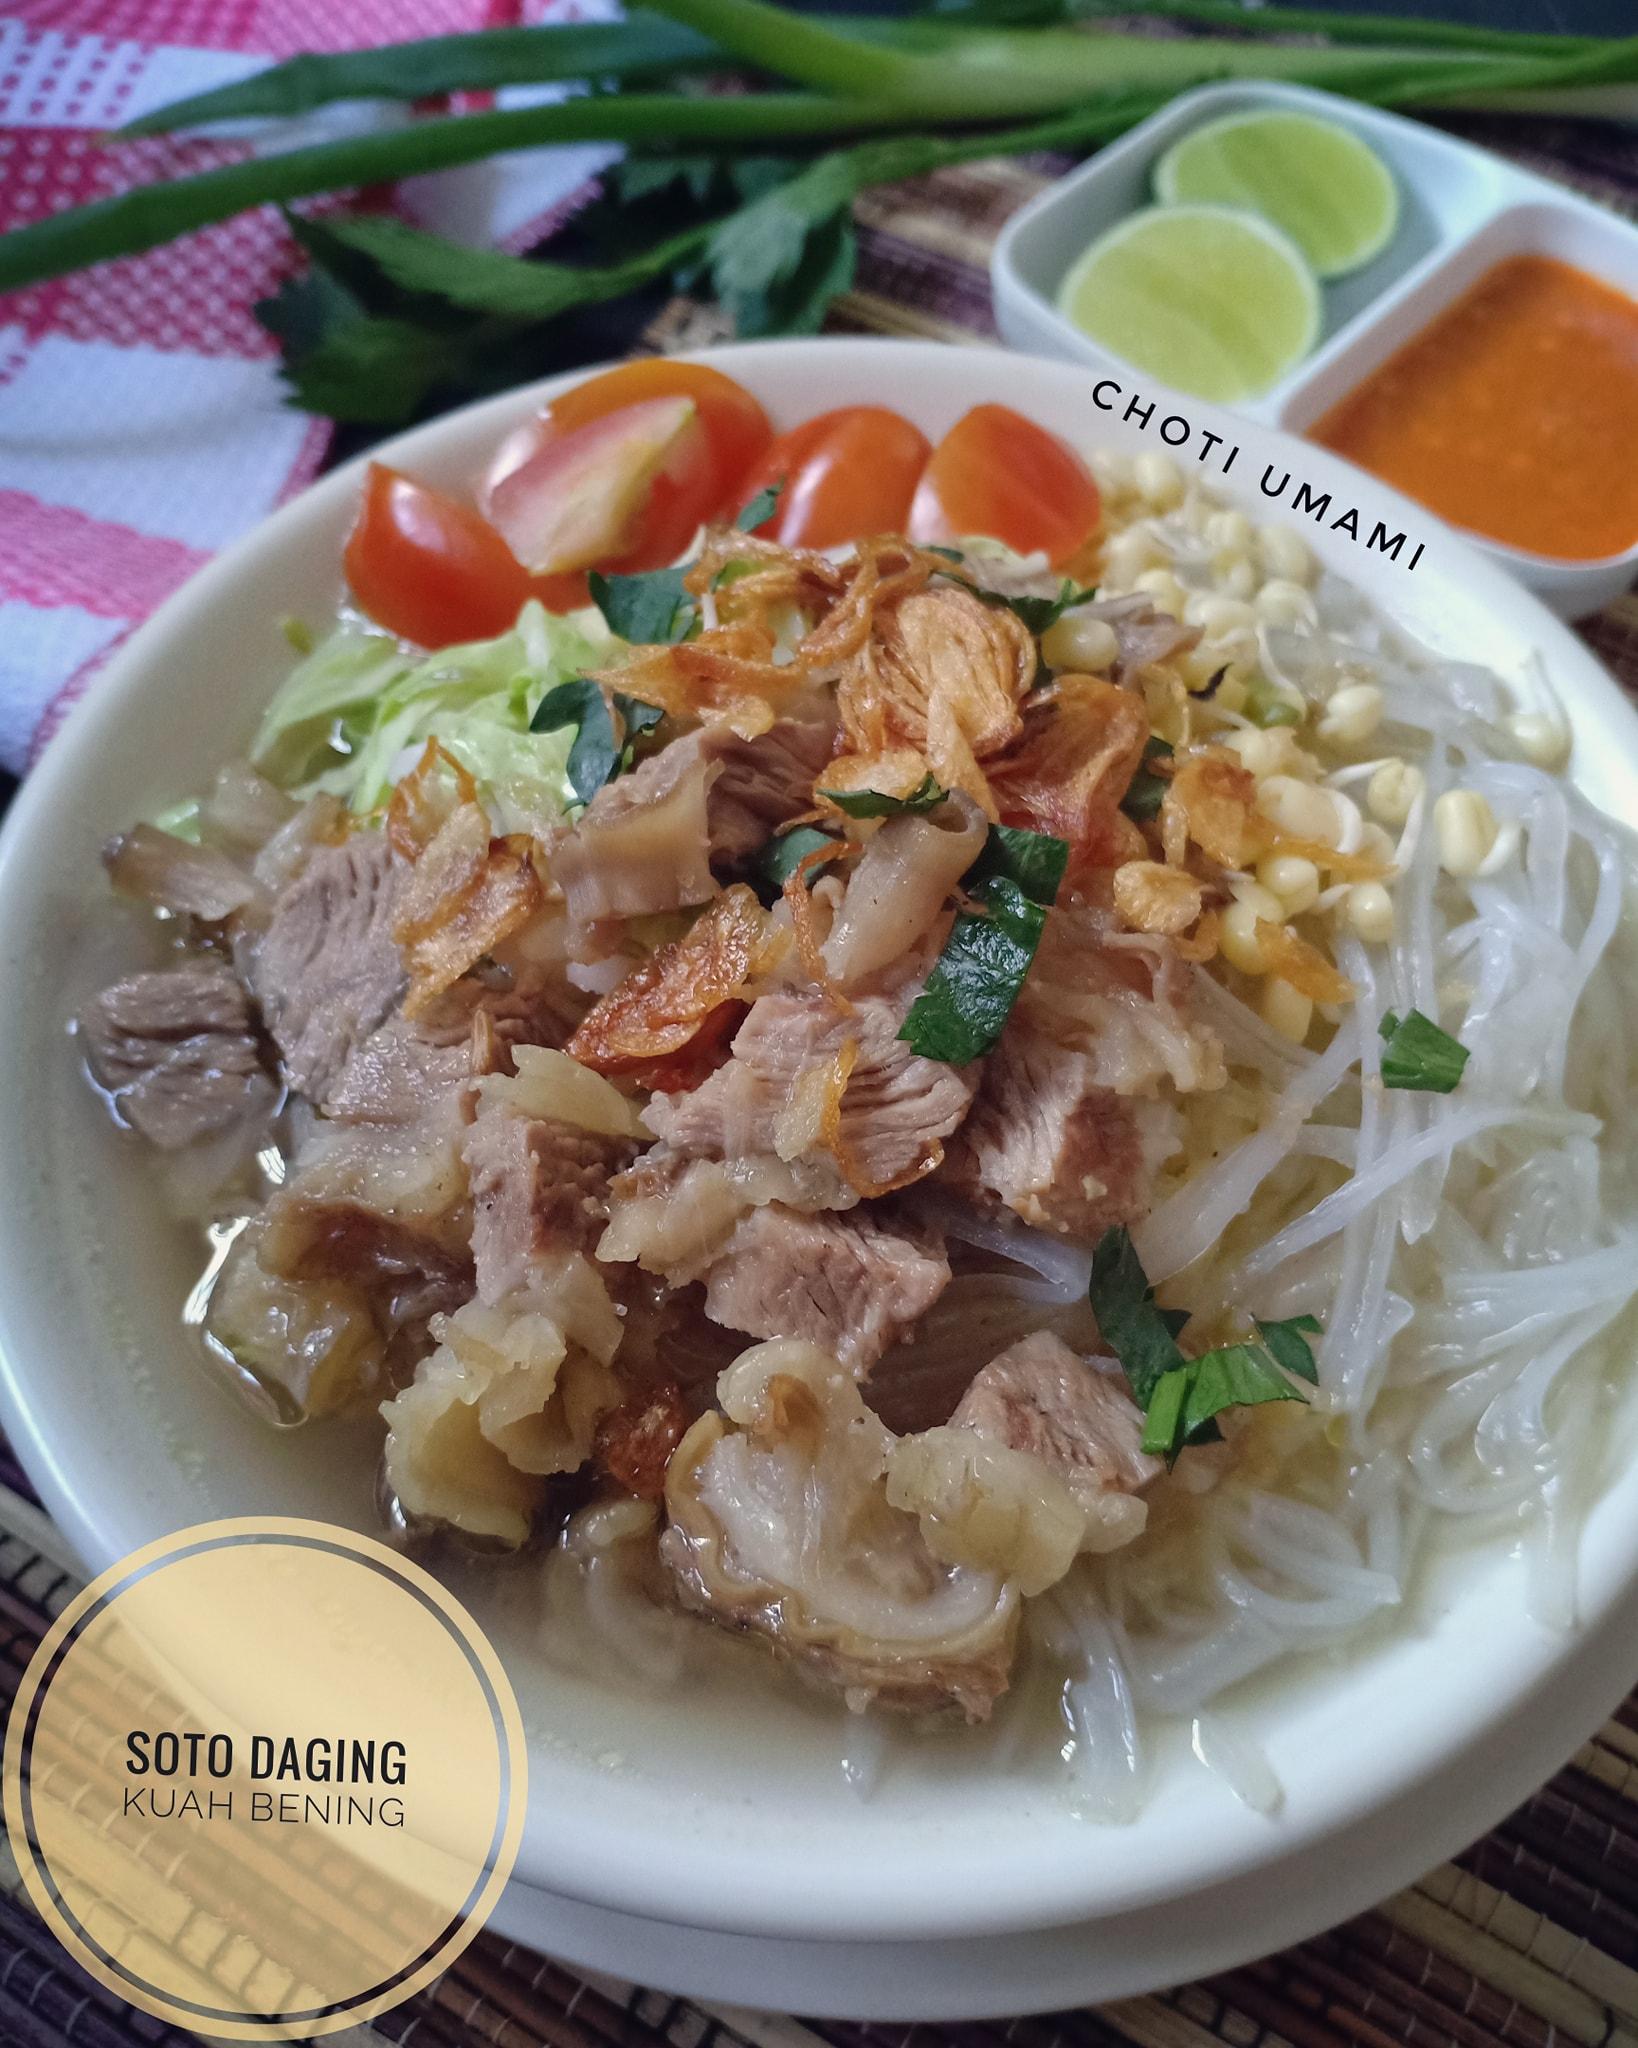 resep soto Kuah bening by Choti Umami